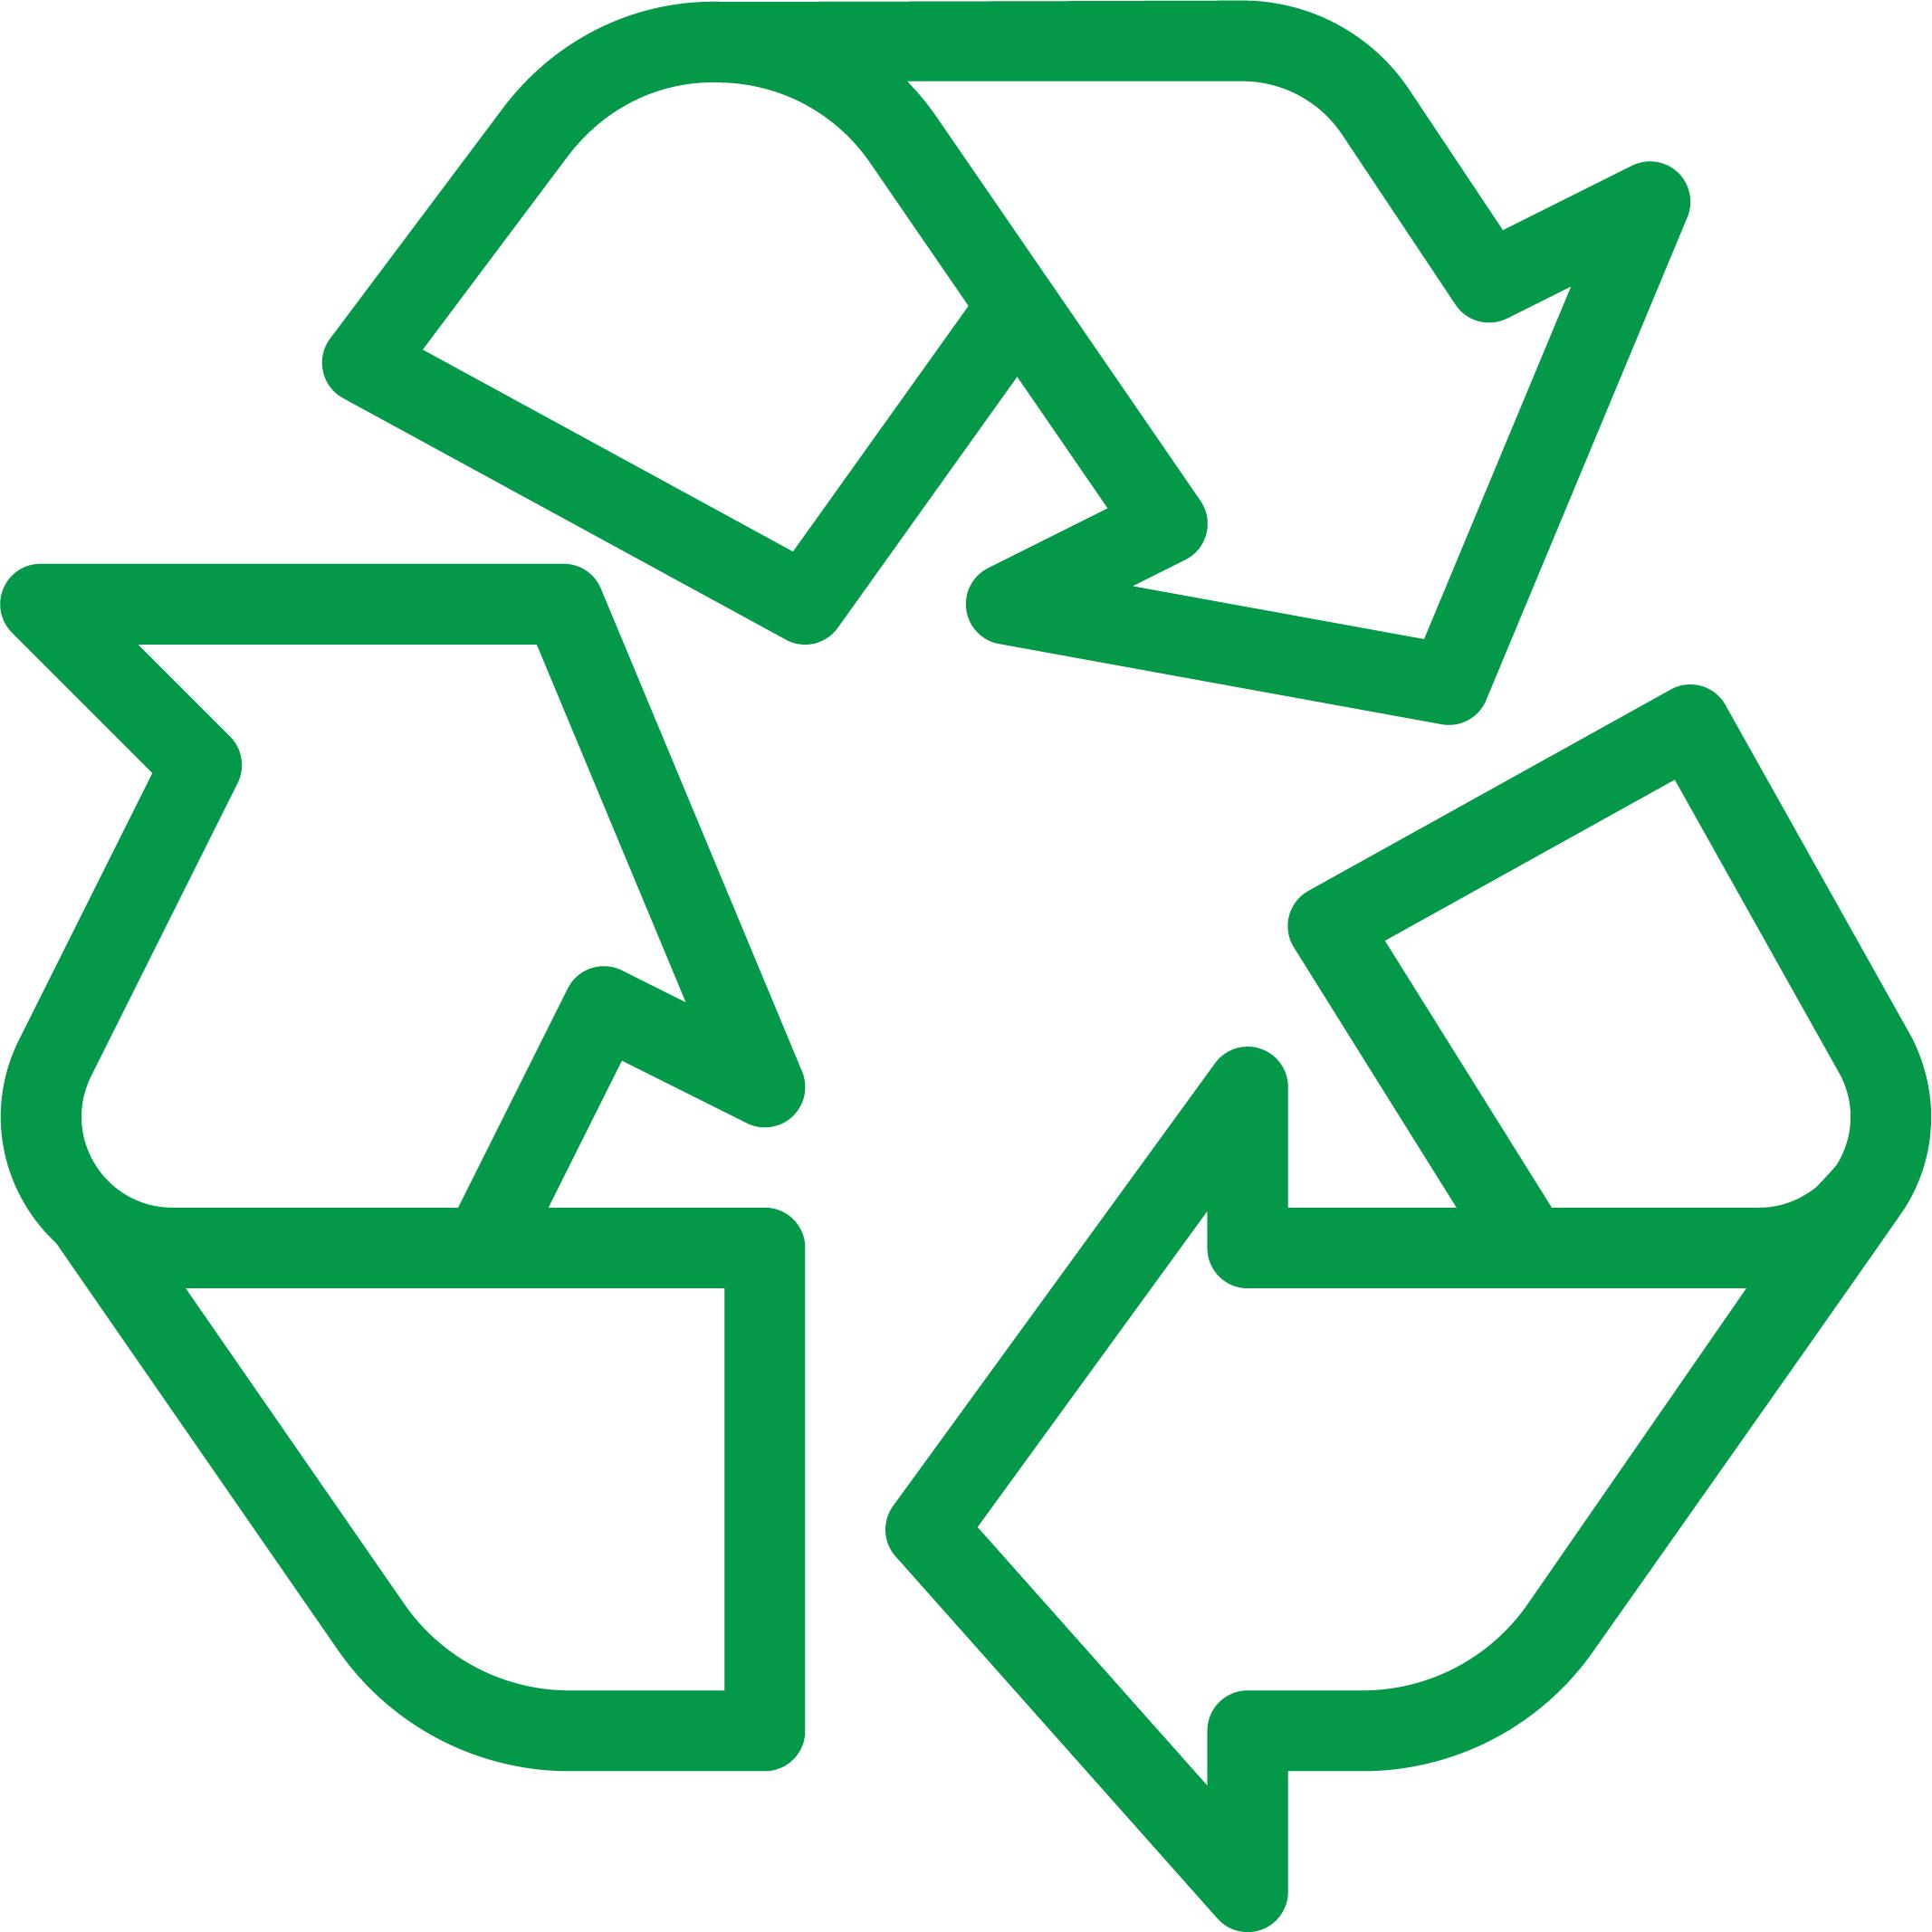 producto totalmente reciclable